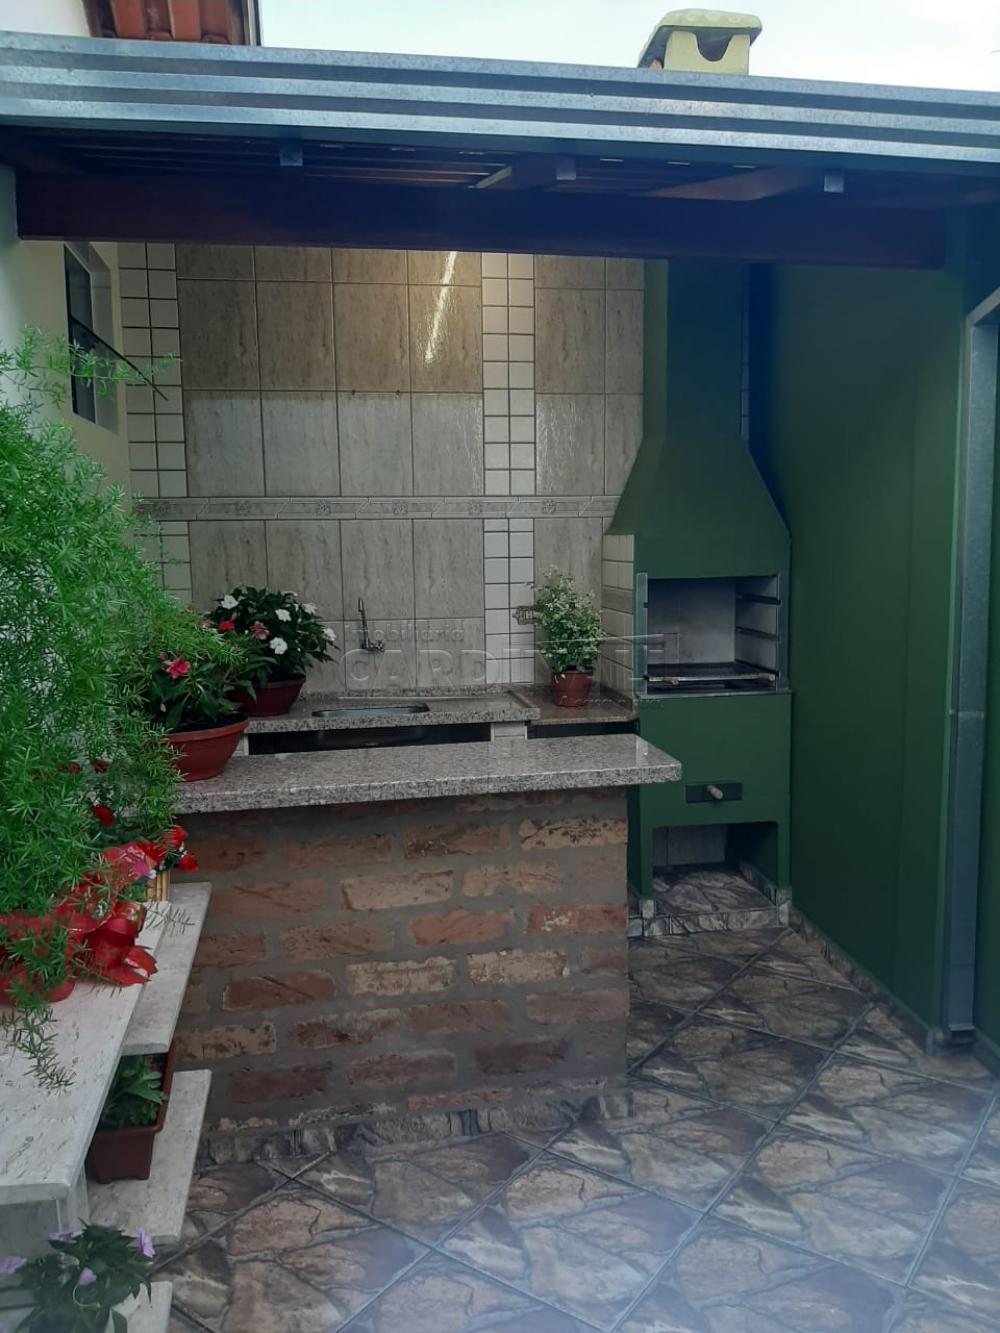 Comprar Casa / Padrão em São Carlos apenas R$ 373.000,00 - Foto 39